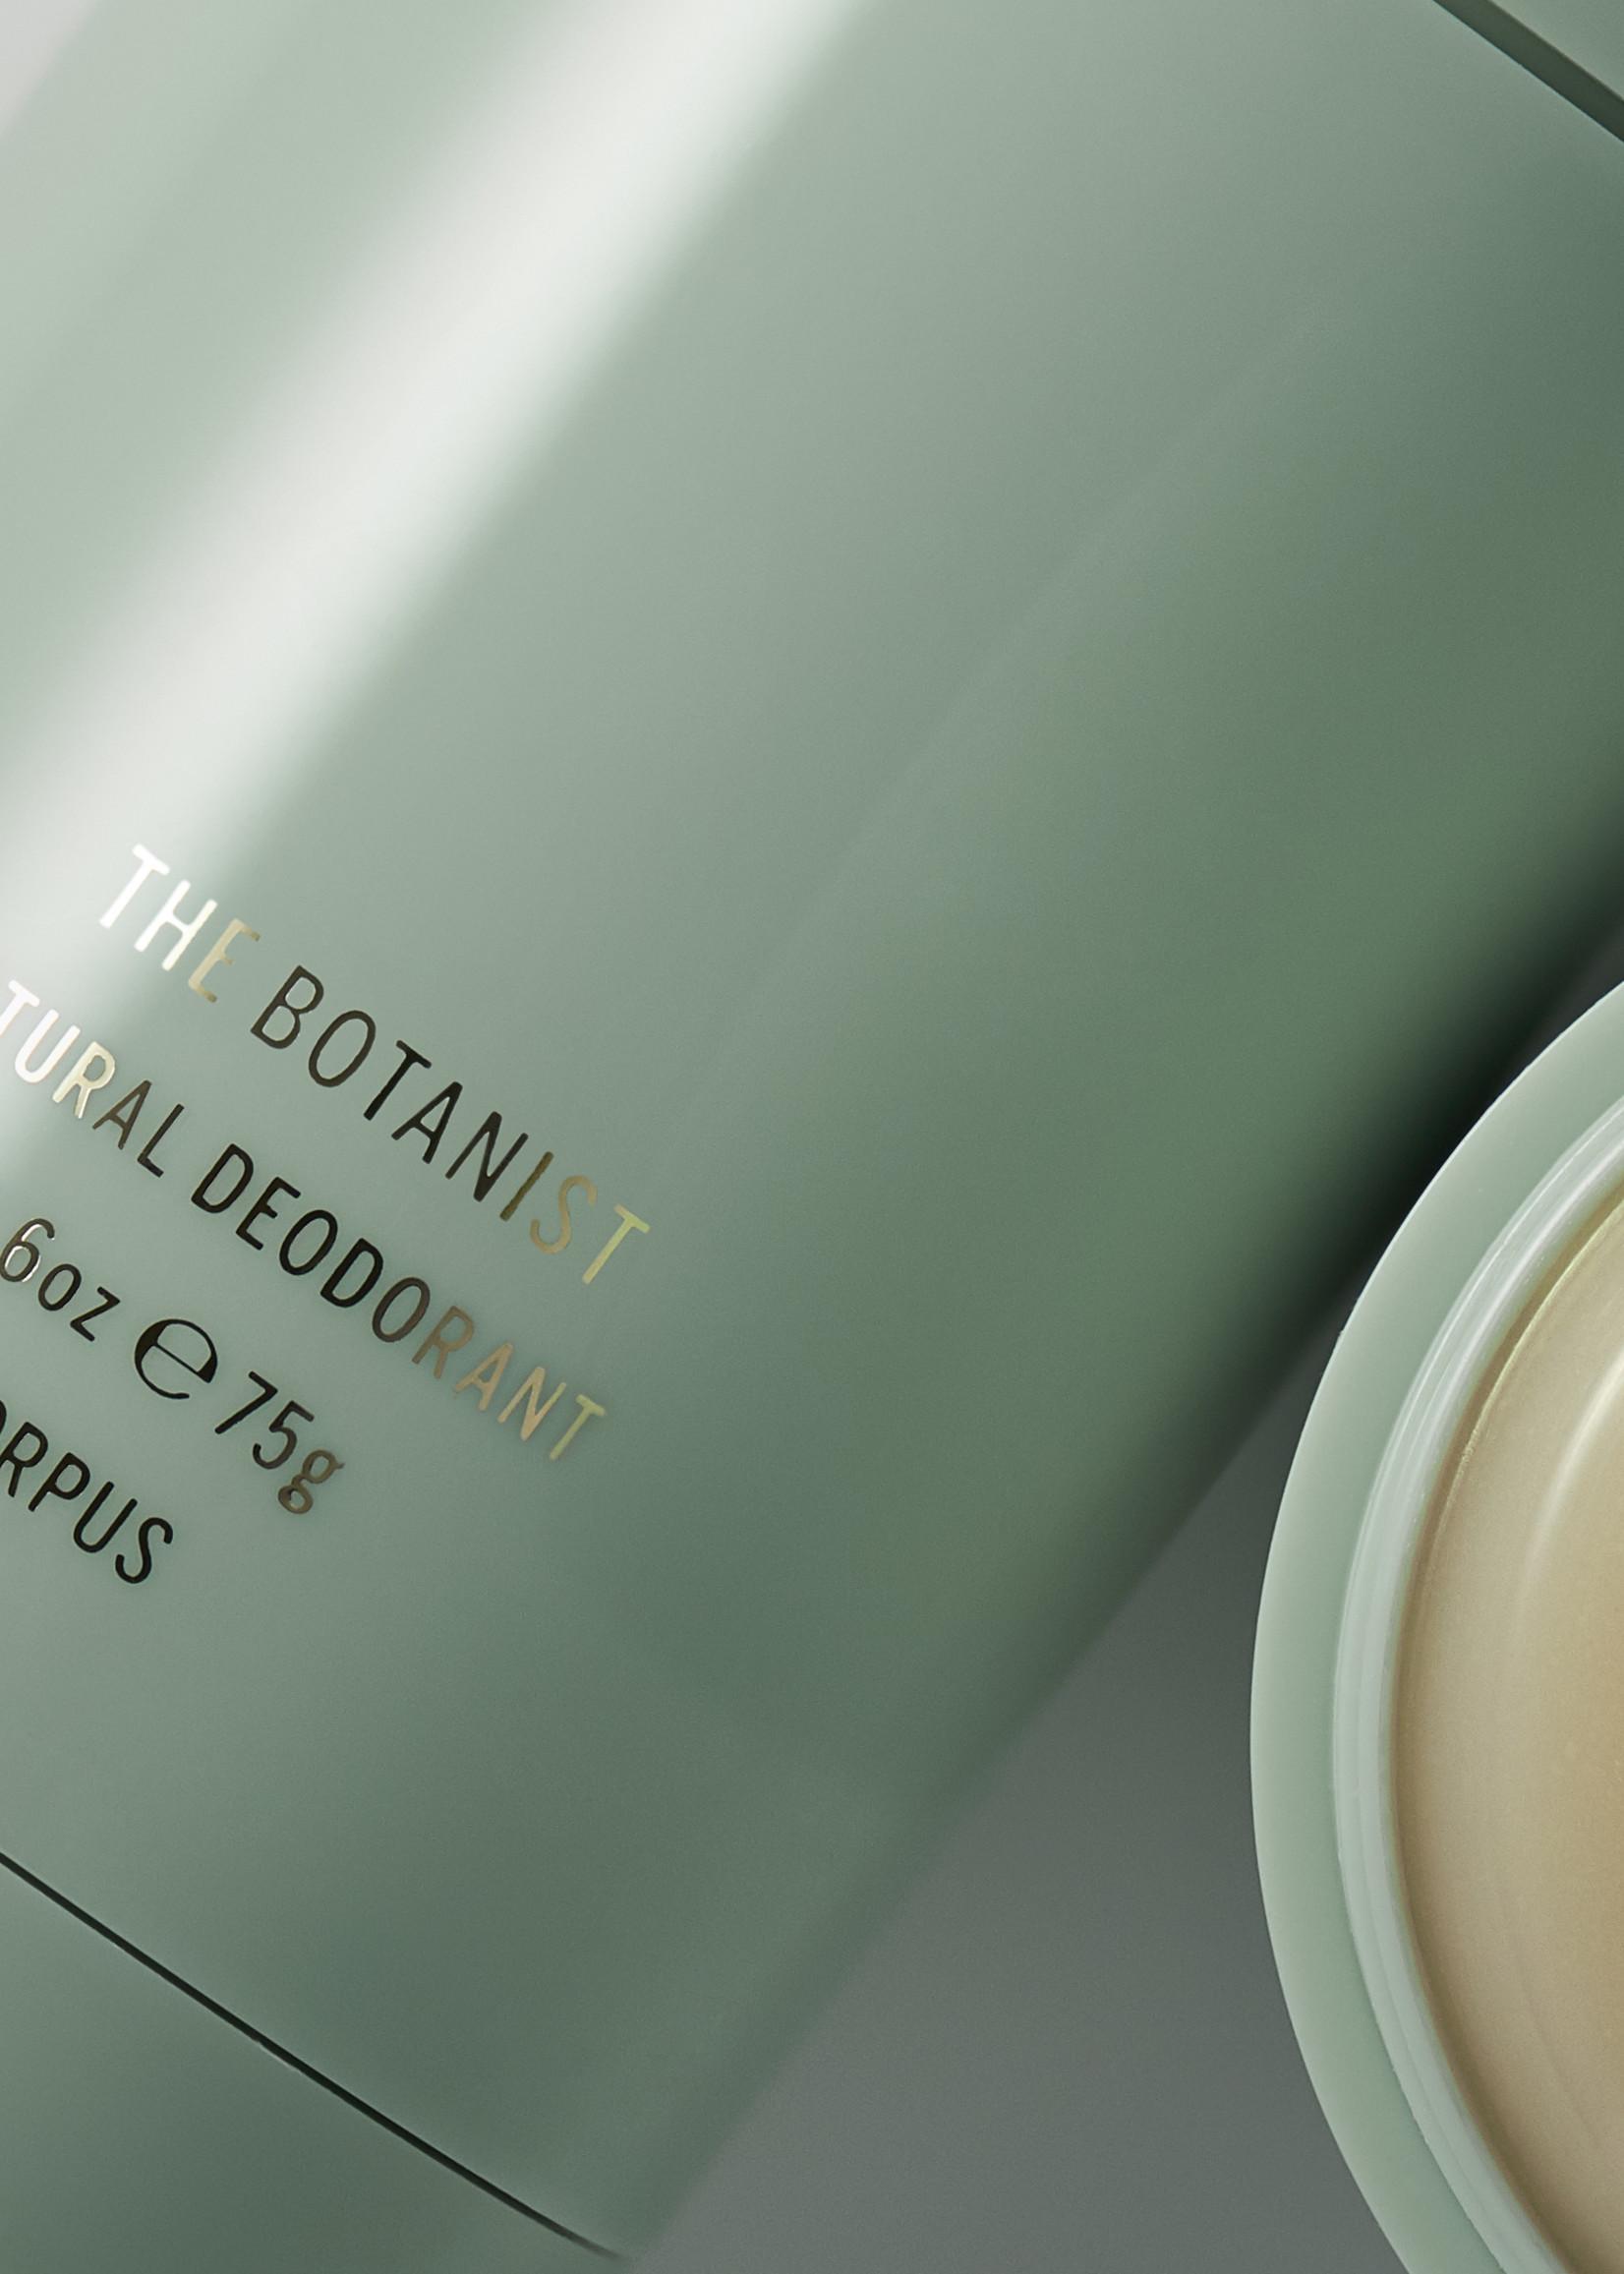 Corpus Natural Deodorant: The Botanist 2.6oz